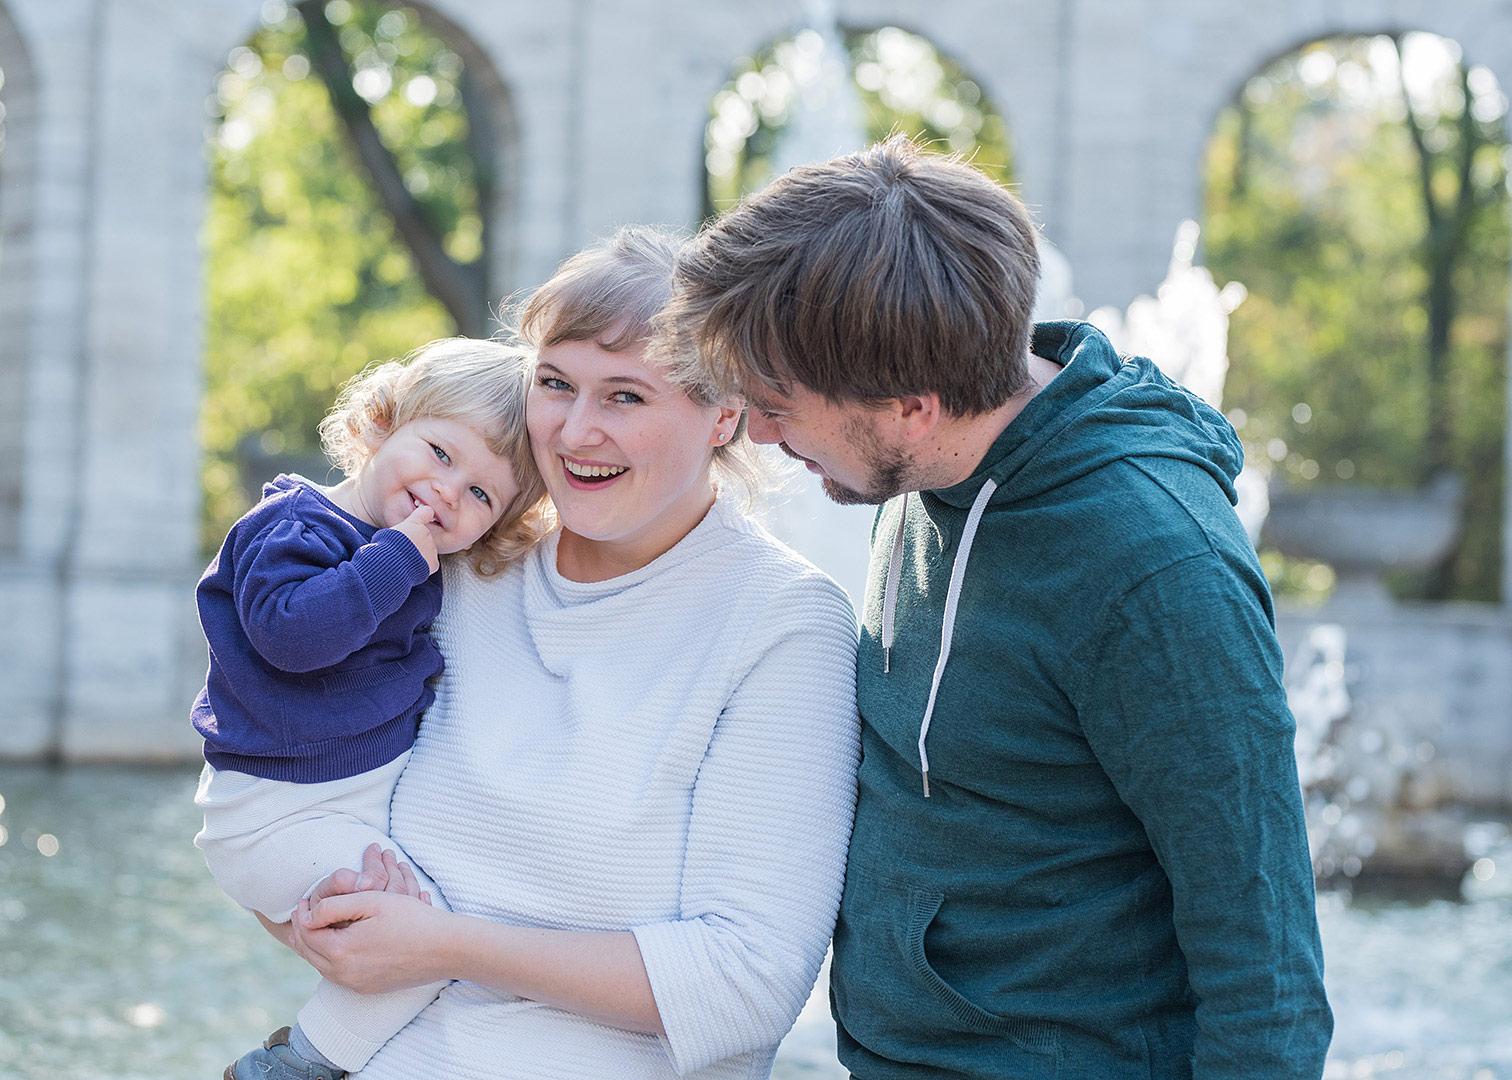 natürliche familienfotos berlin, familienfotograf berlin, mobiles fotoshooting, fotoshooting im park, märchenbrunnen, generationenfotos, fotos mit oma, fotos in berlin machen lassen, familienbilder in berlin machen,